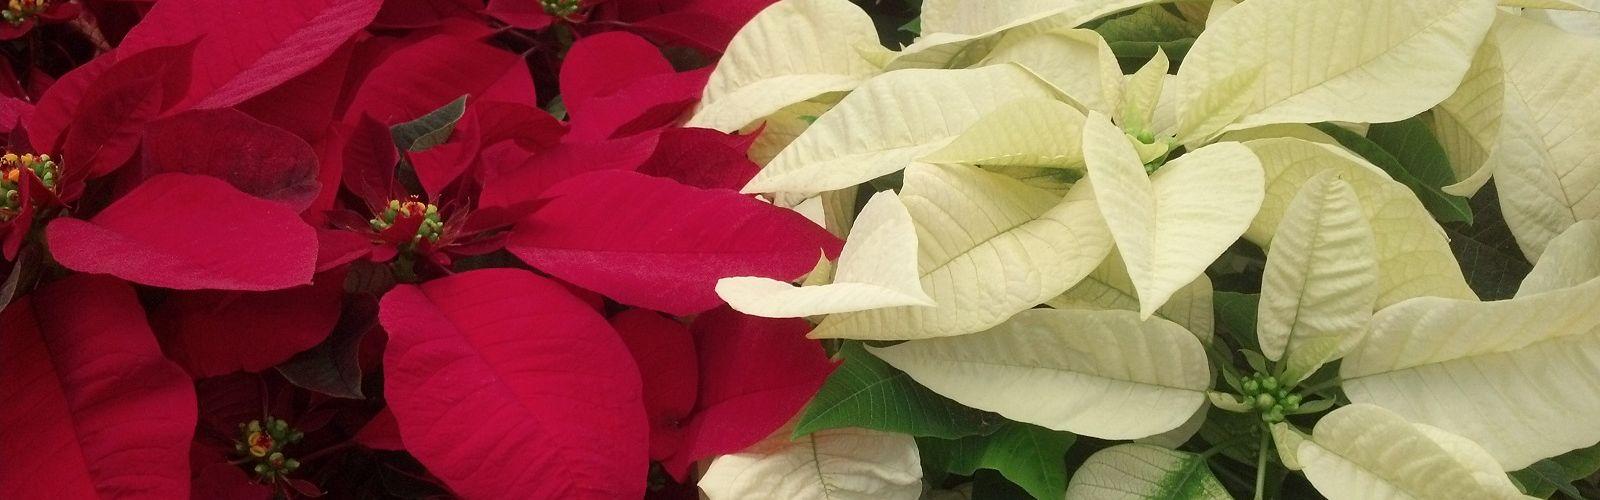 Pike red poinsettias and white poinsettias